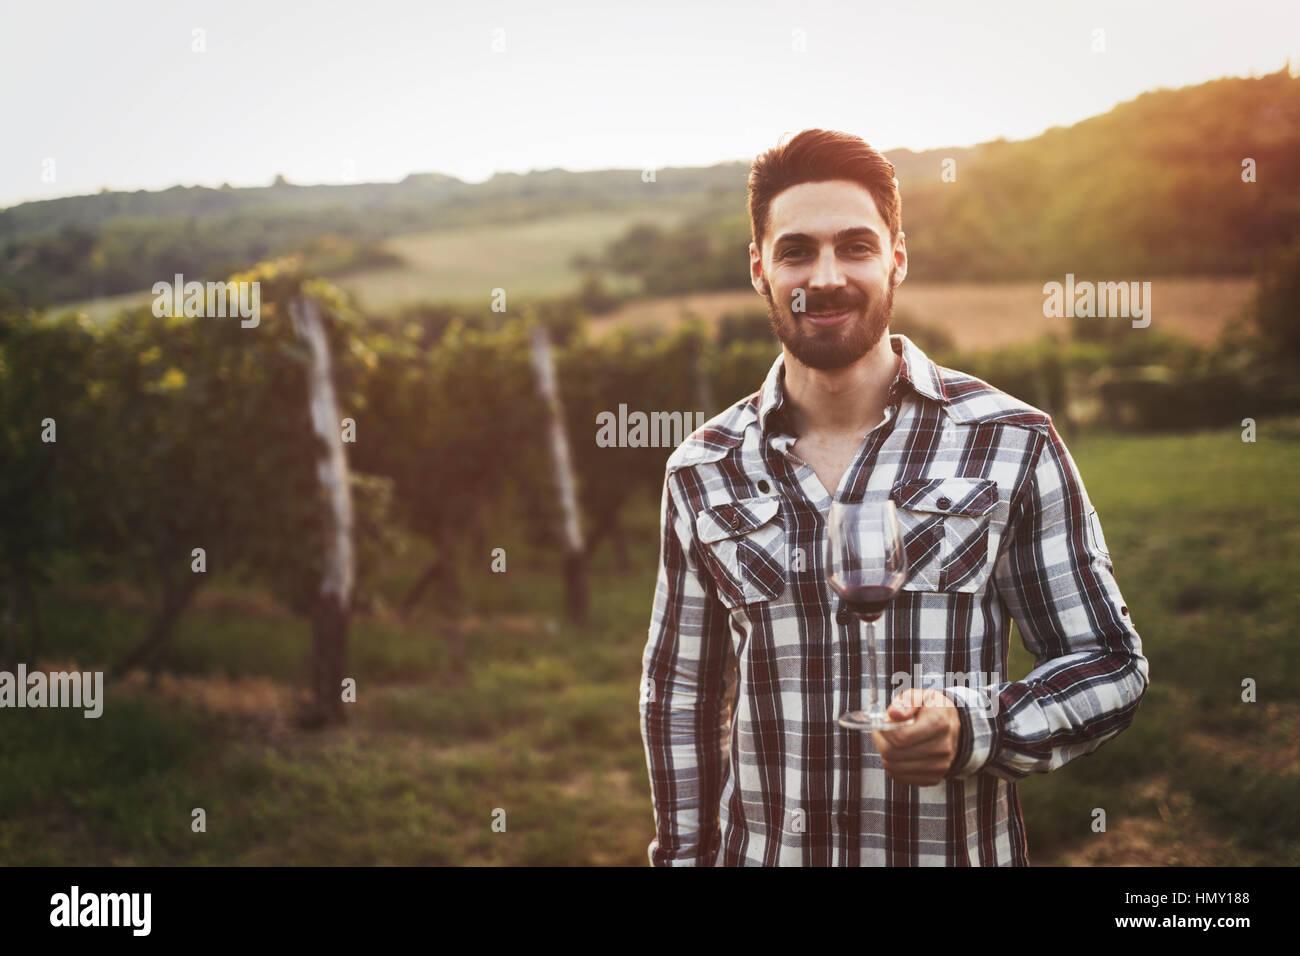 Glücklich Winzer Weinprobe im Weinberg im Sommer Stockbild